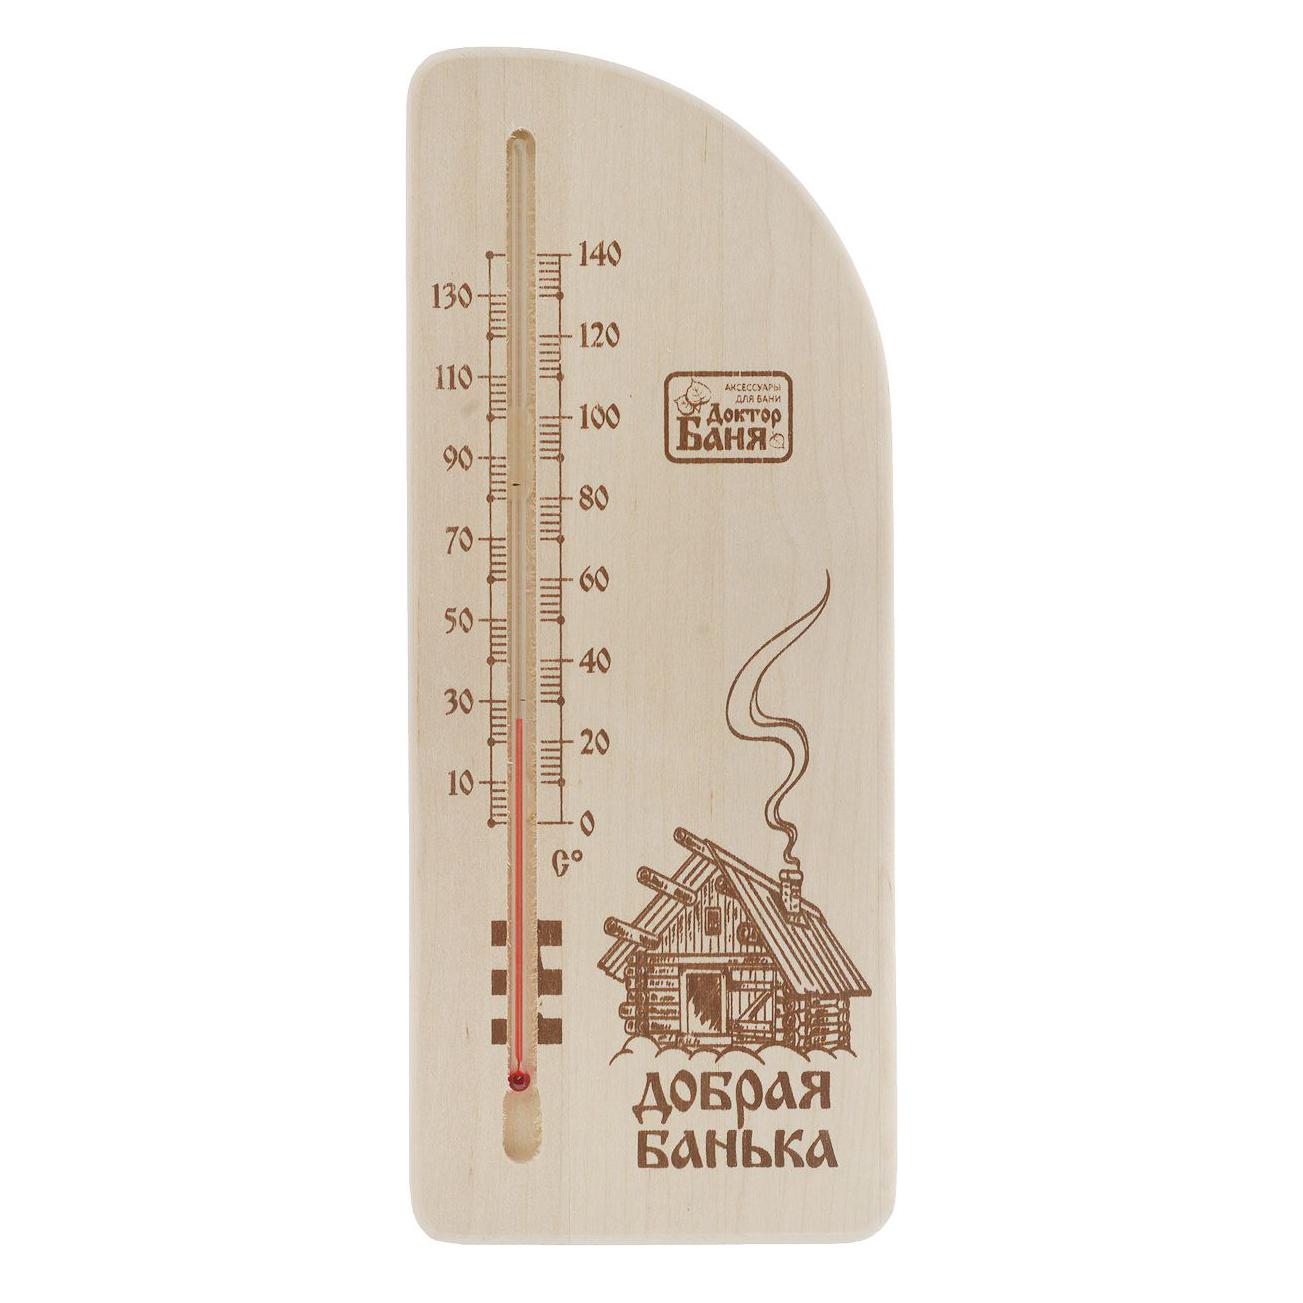 Термометр Доктор баня Термометр добрая банька (905213)